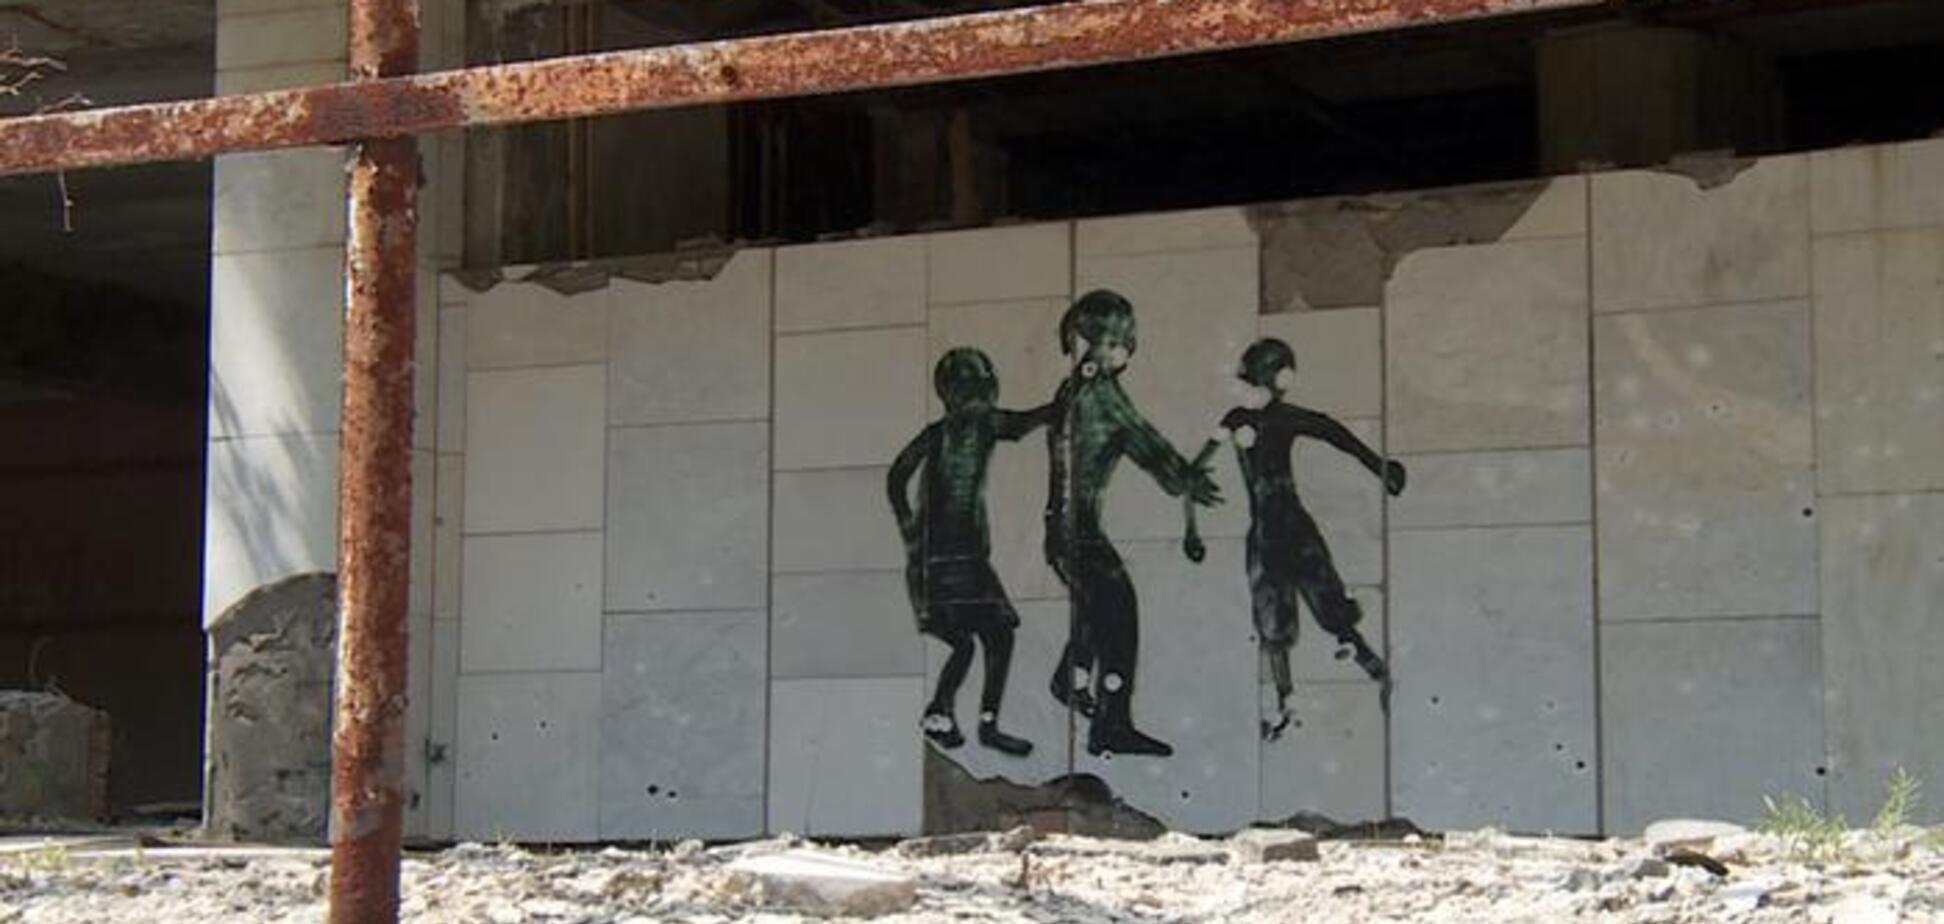 'Сталкеры охотятся на мутантов?' В Чернобыле нашли следы таинственных обстрелов: появилось объяснение